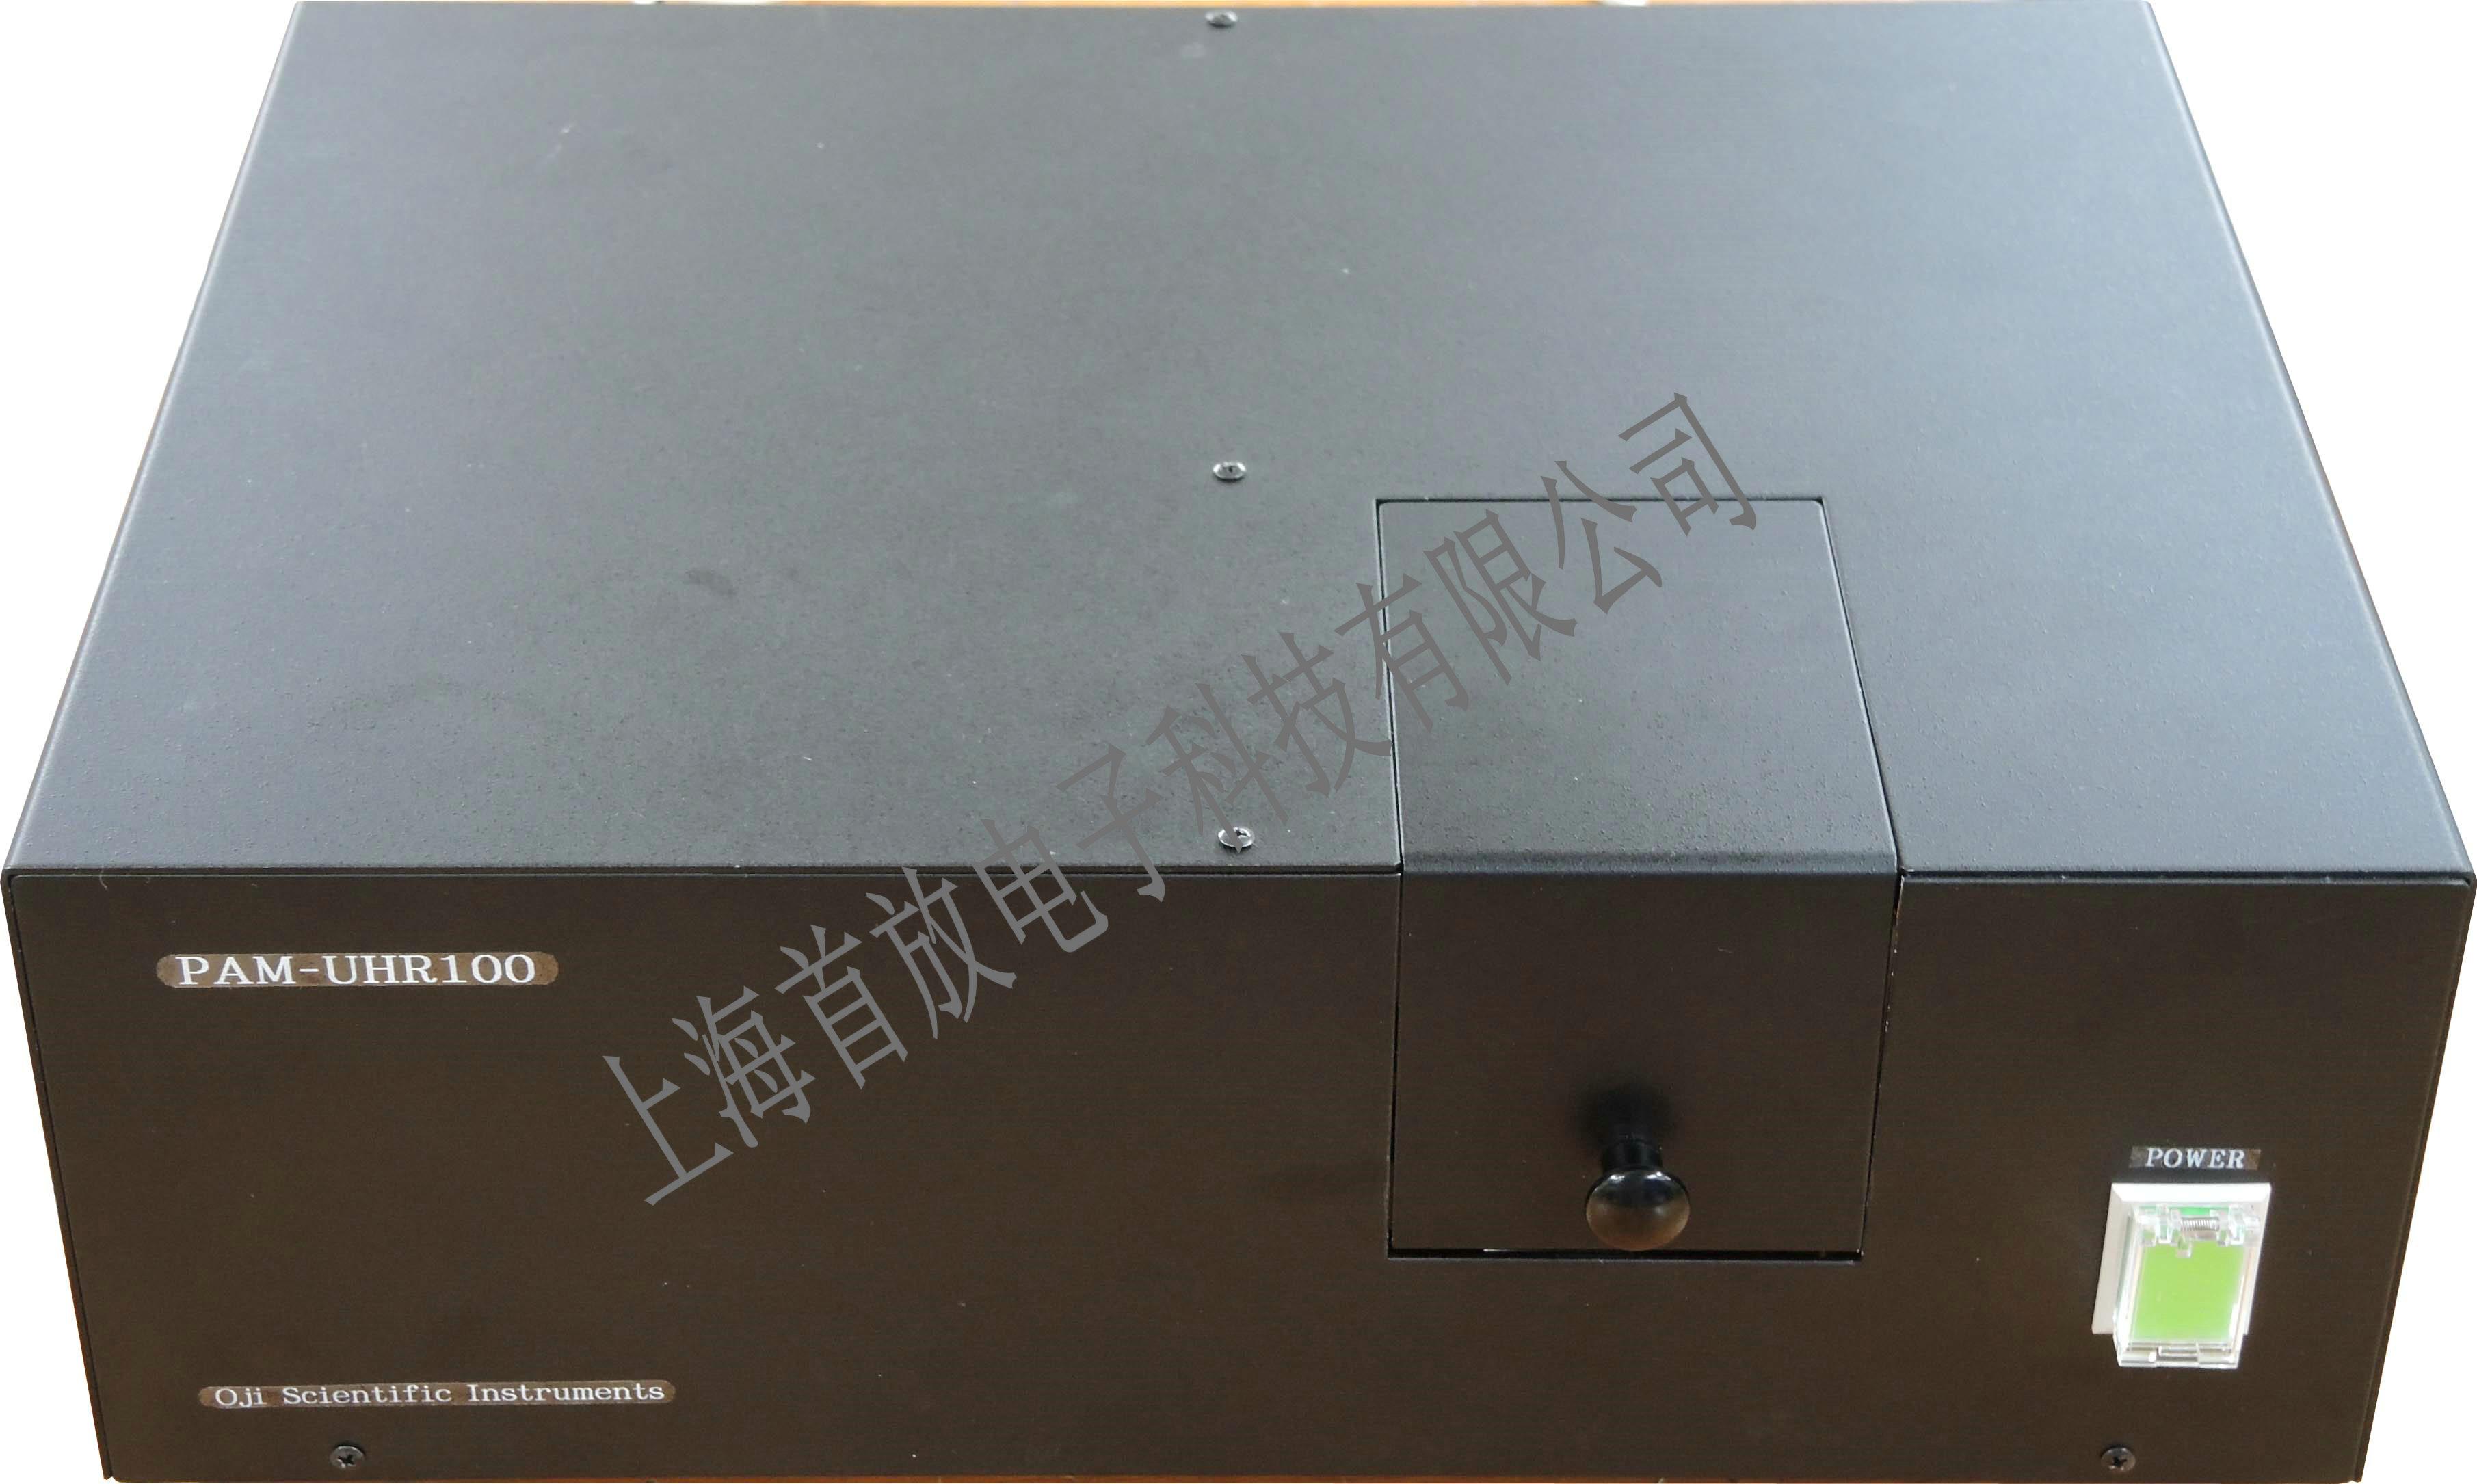 王子计测PAM-UHR100超高位相差測定装置